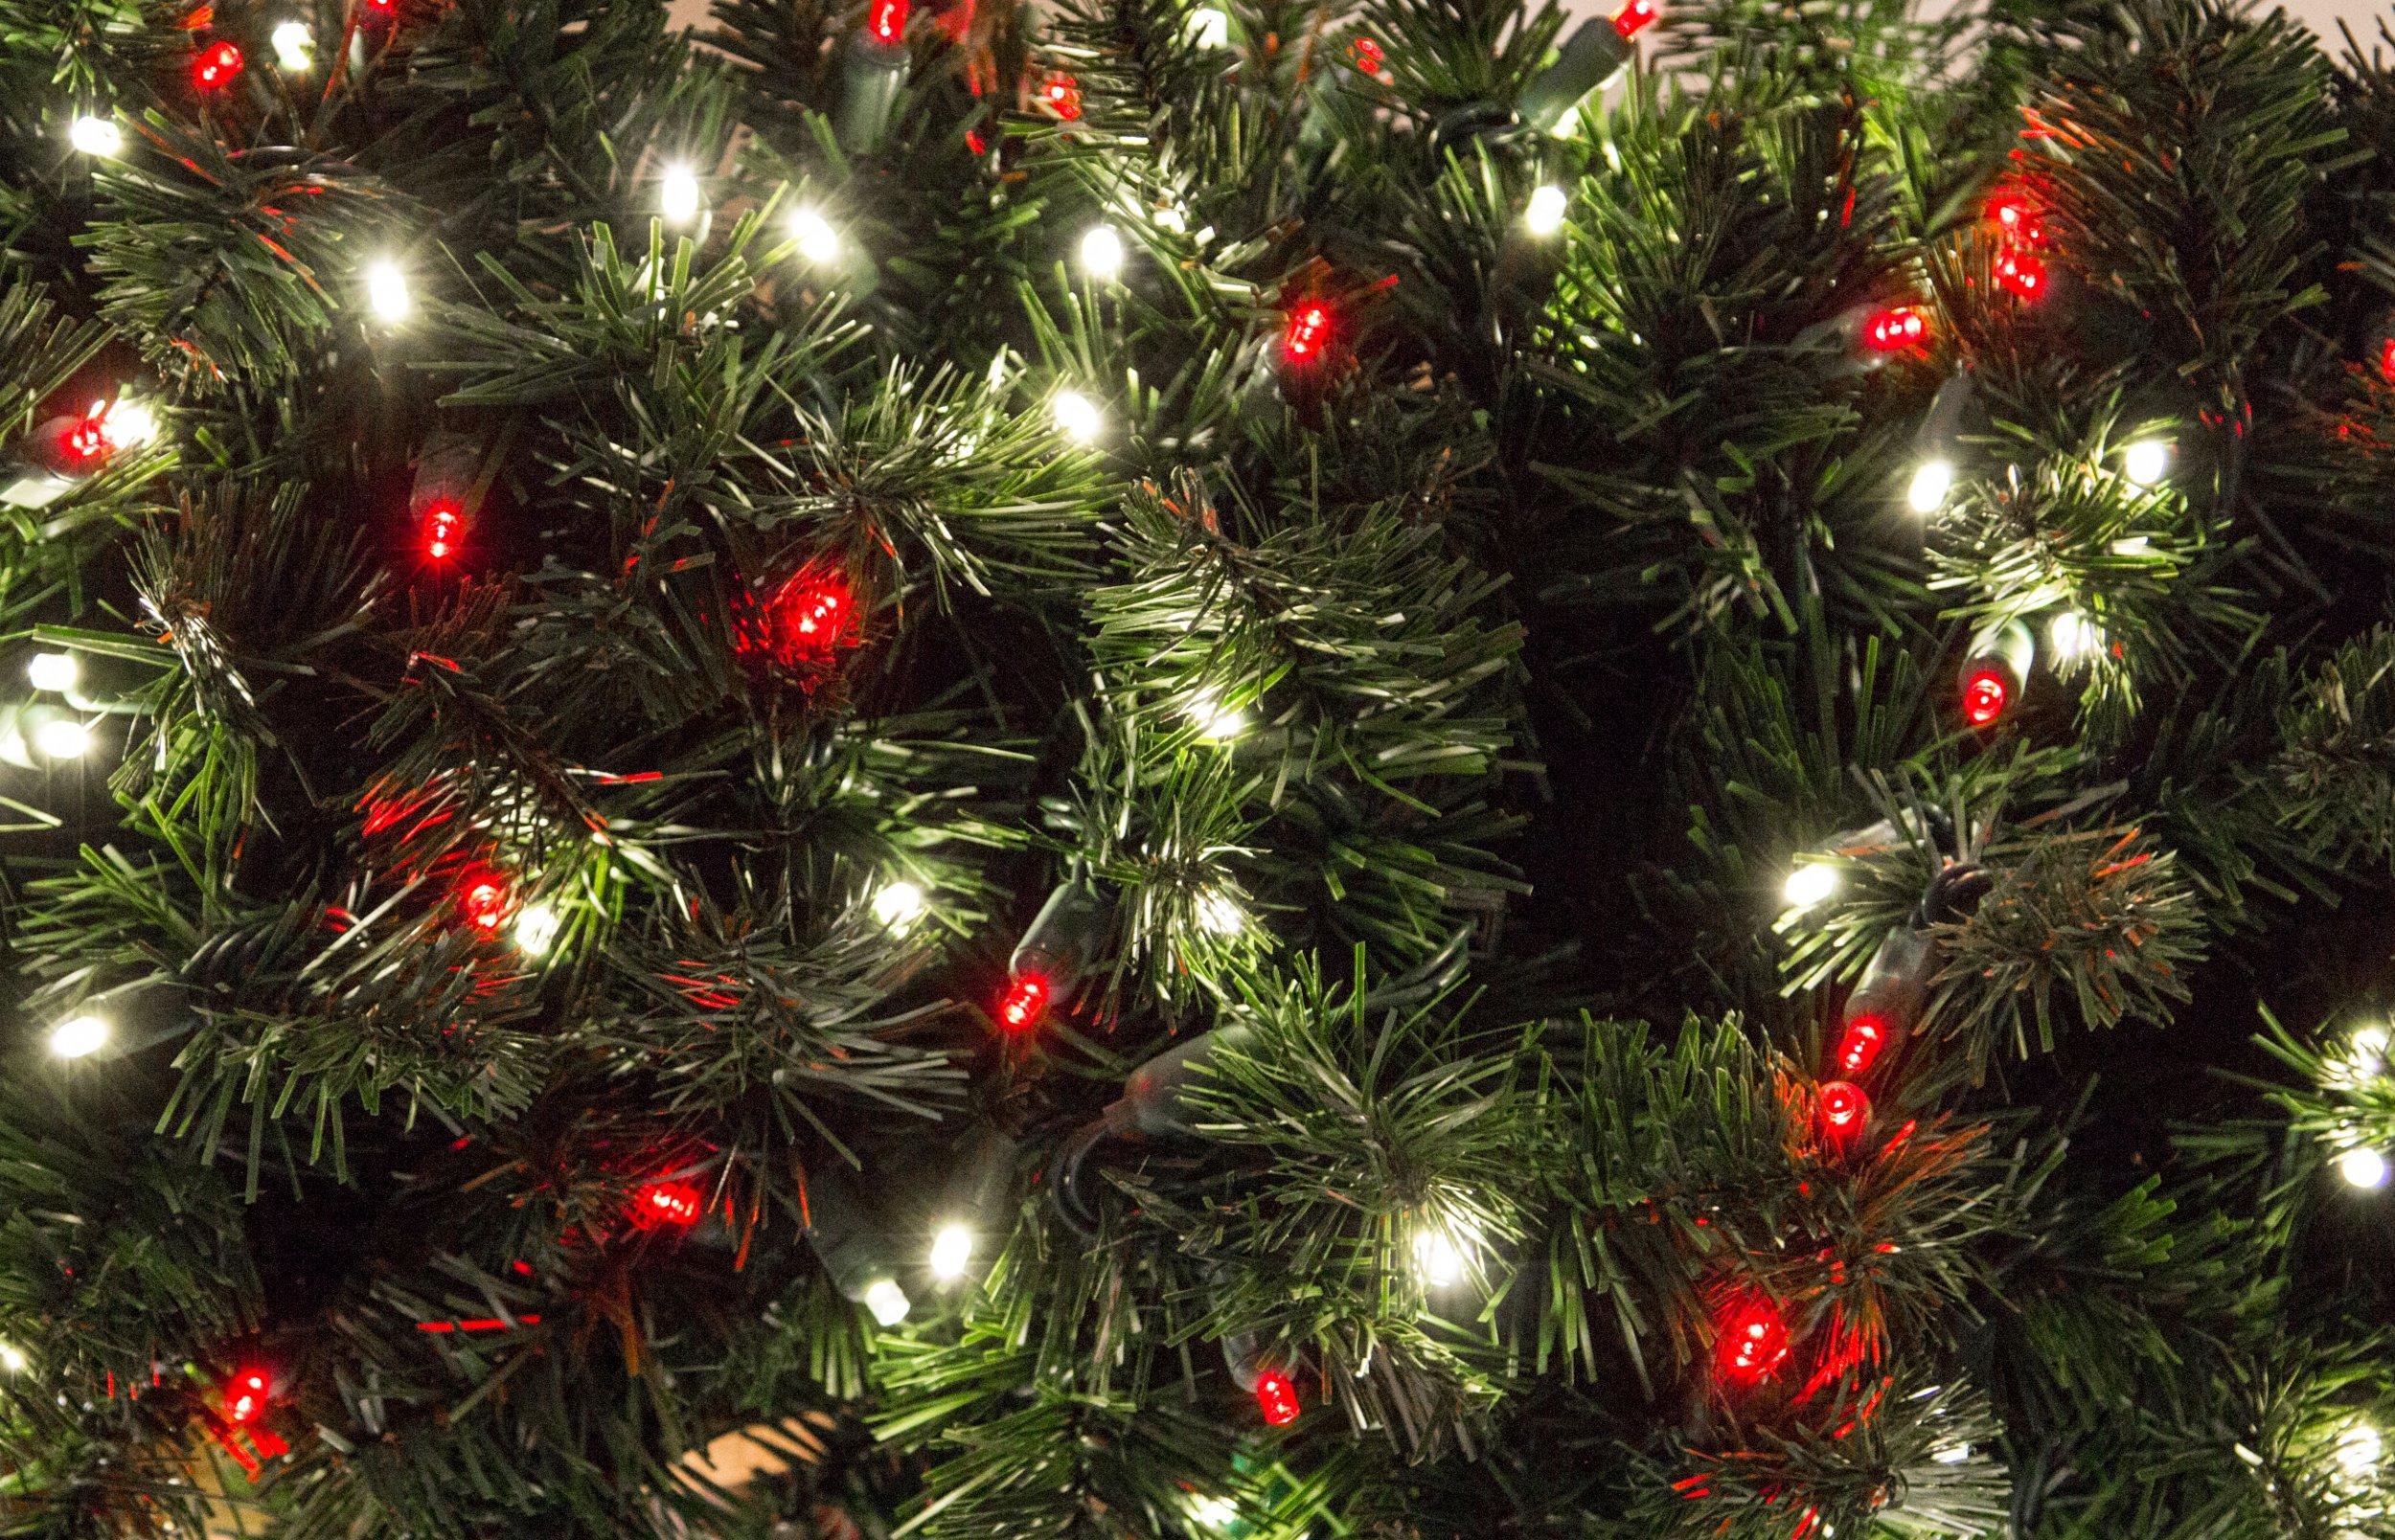 Children's hospital, phalynn graham, illness, health, Christmas